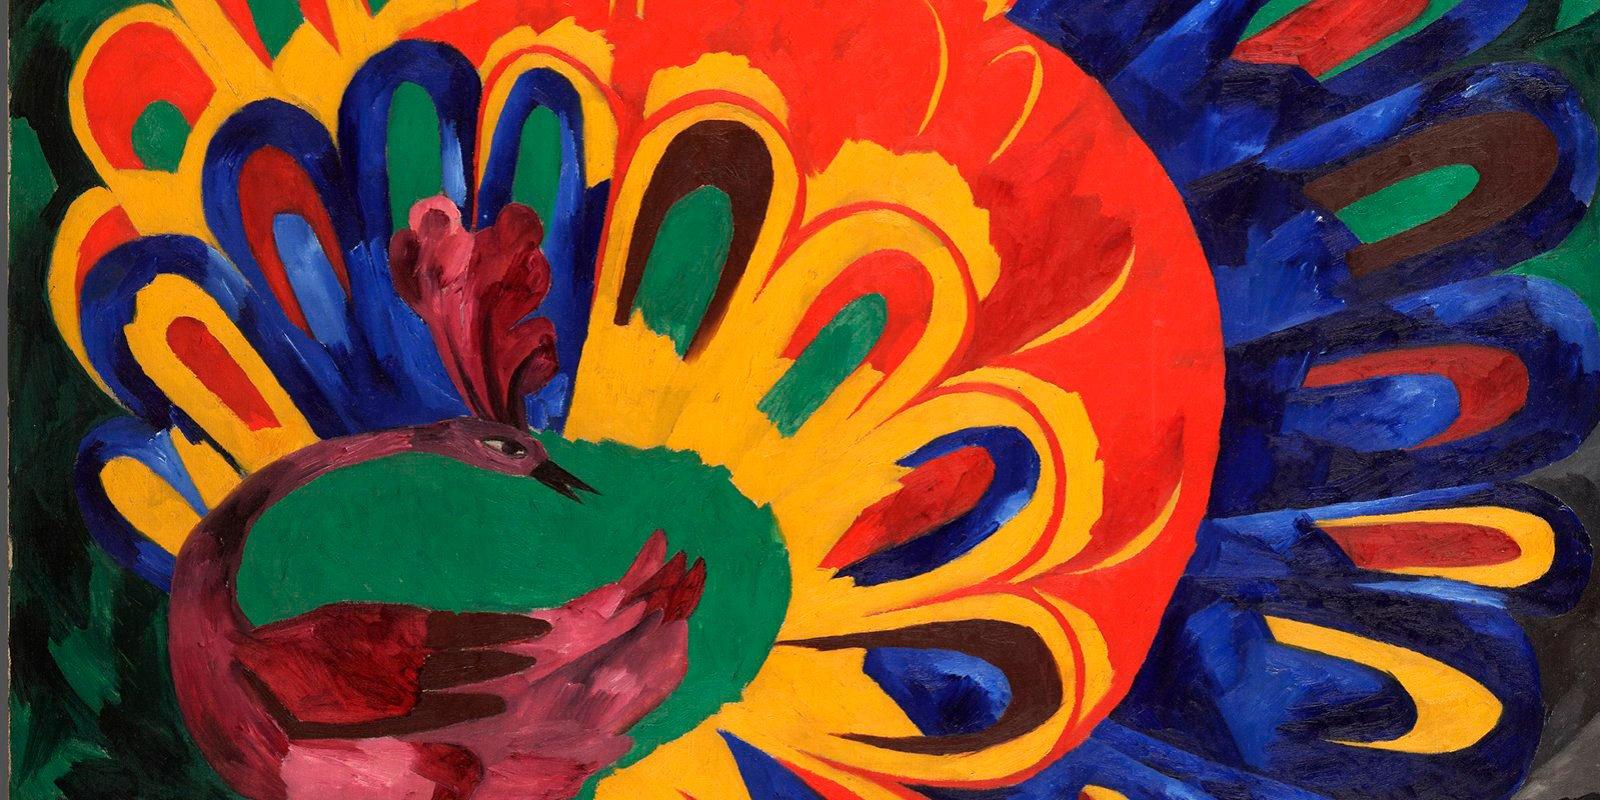 Н. Гончарова. Павлин под ярким солнцем (стиль египетский). 1911 год. Государственная Третьяковская галерея